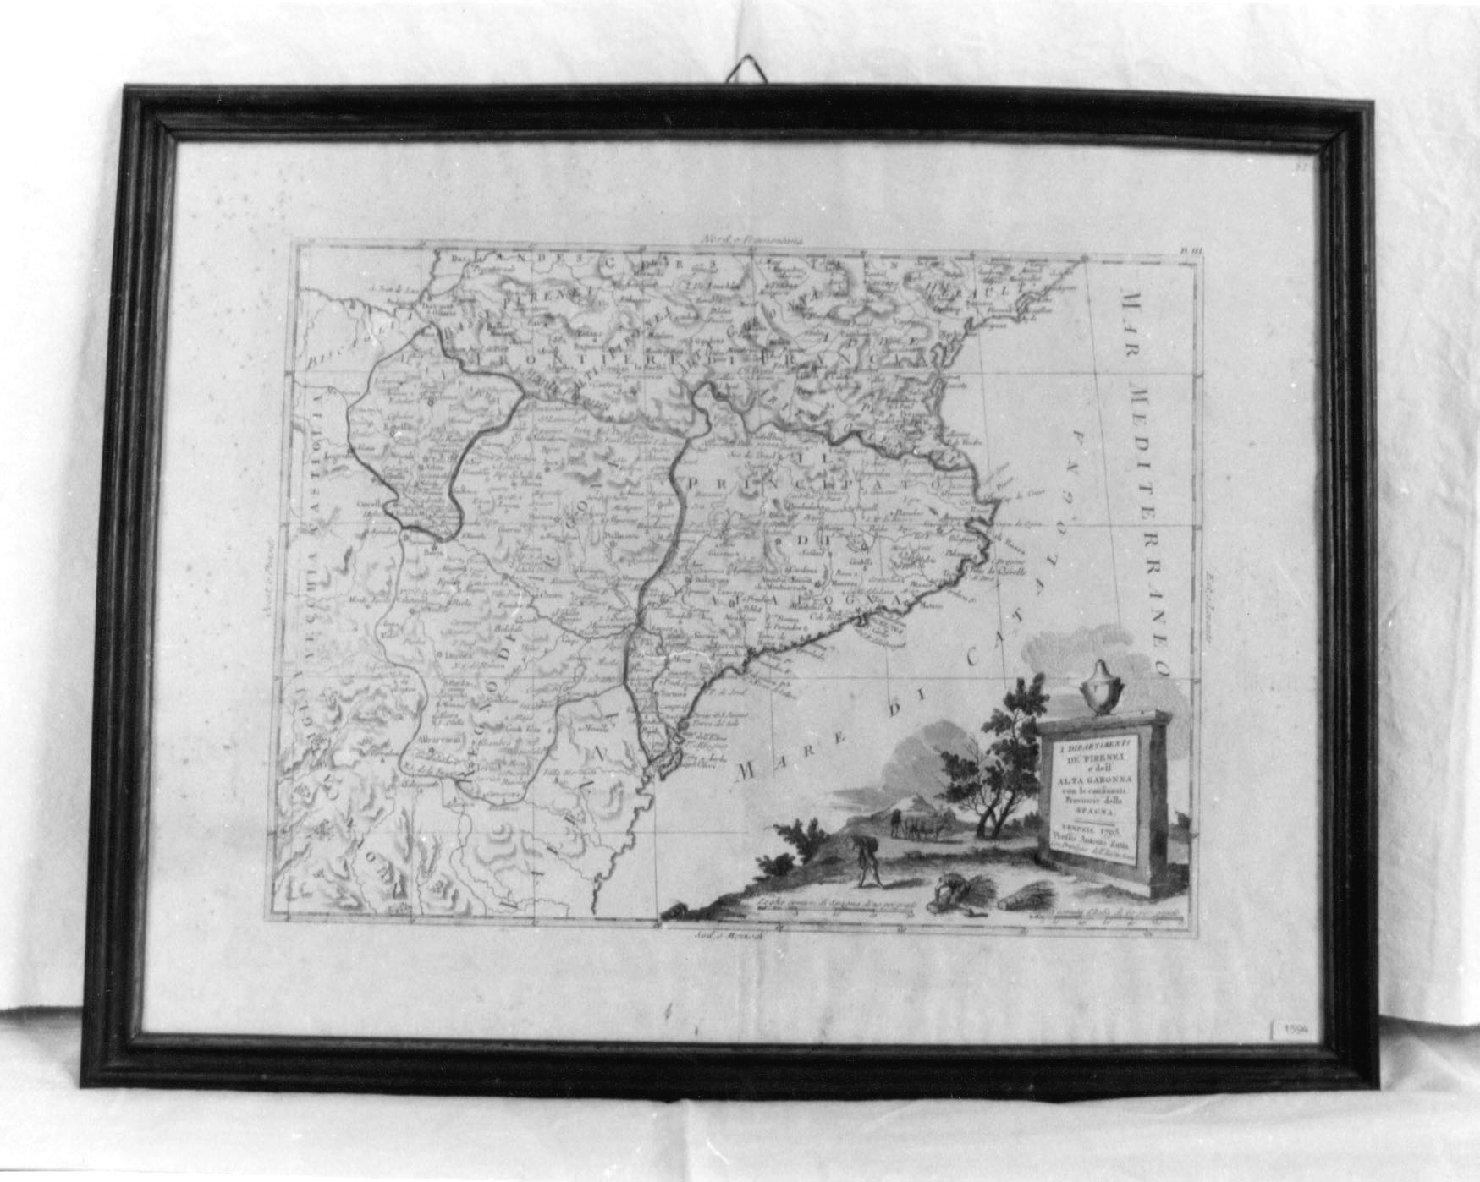 I dipartimenti dei Pirenei e dell'alta Garonna con le confinanti provincie della Spagna, geografia (stampa) - ambito veneziano (sec. XVIII)